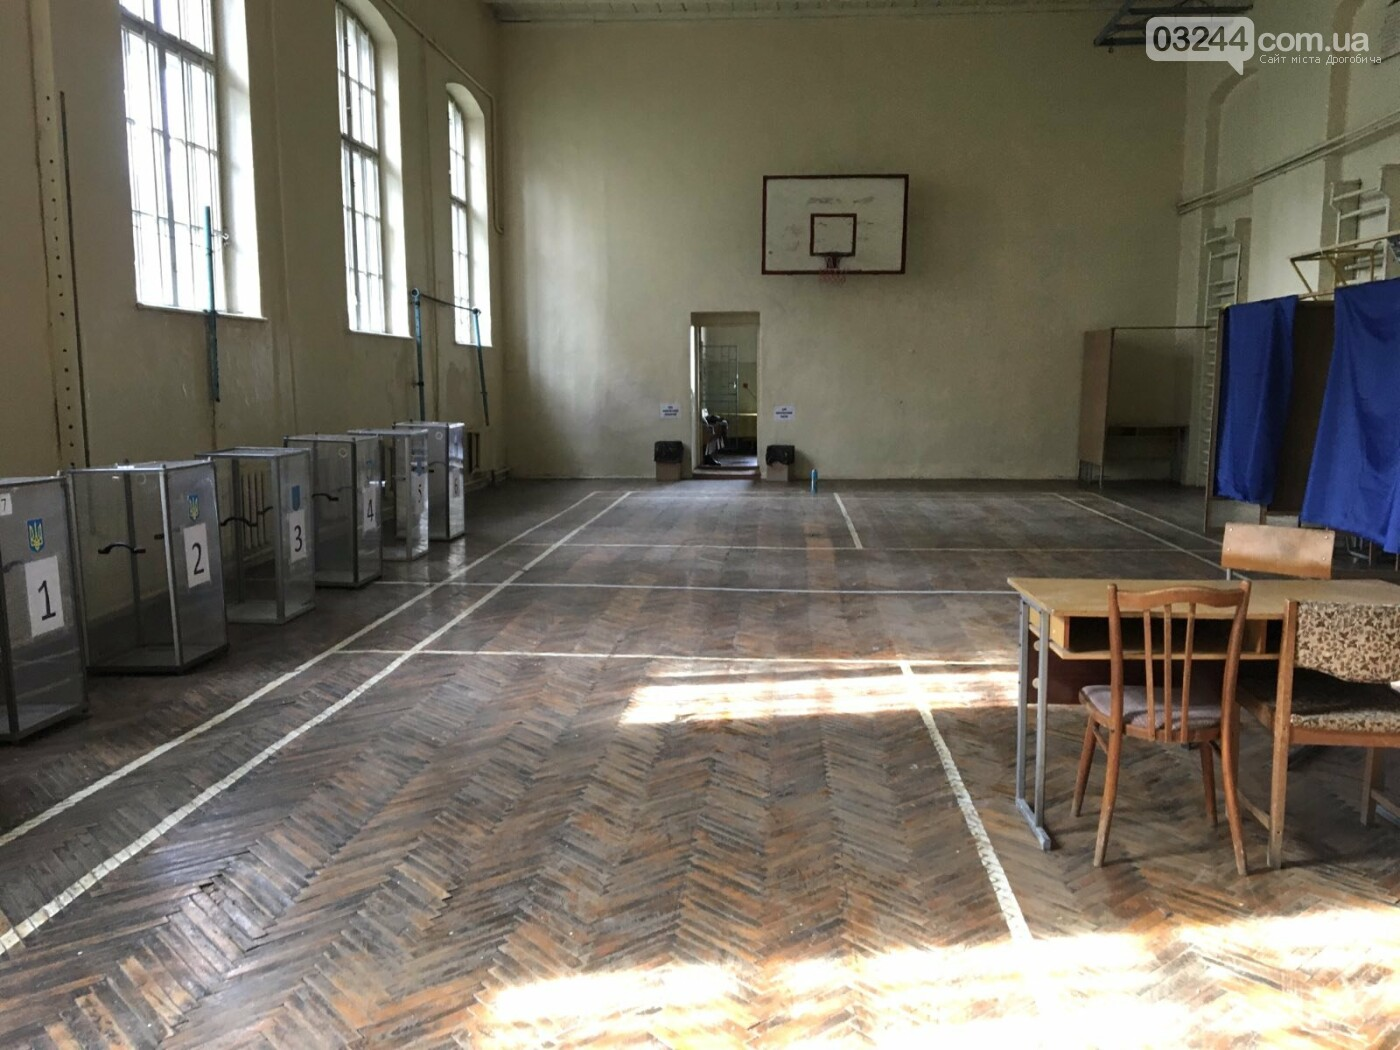 До виборів готові: на дільницях Дрогобича встановили кабінки та урни і завезли бюлетені, - ВІДЕО, ФОТО, фото-3